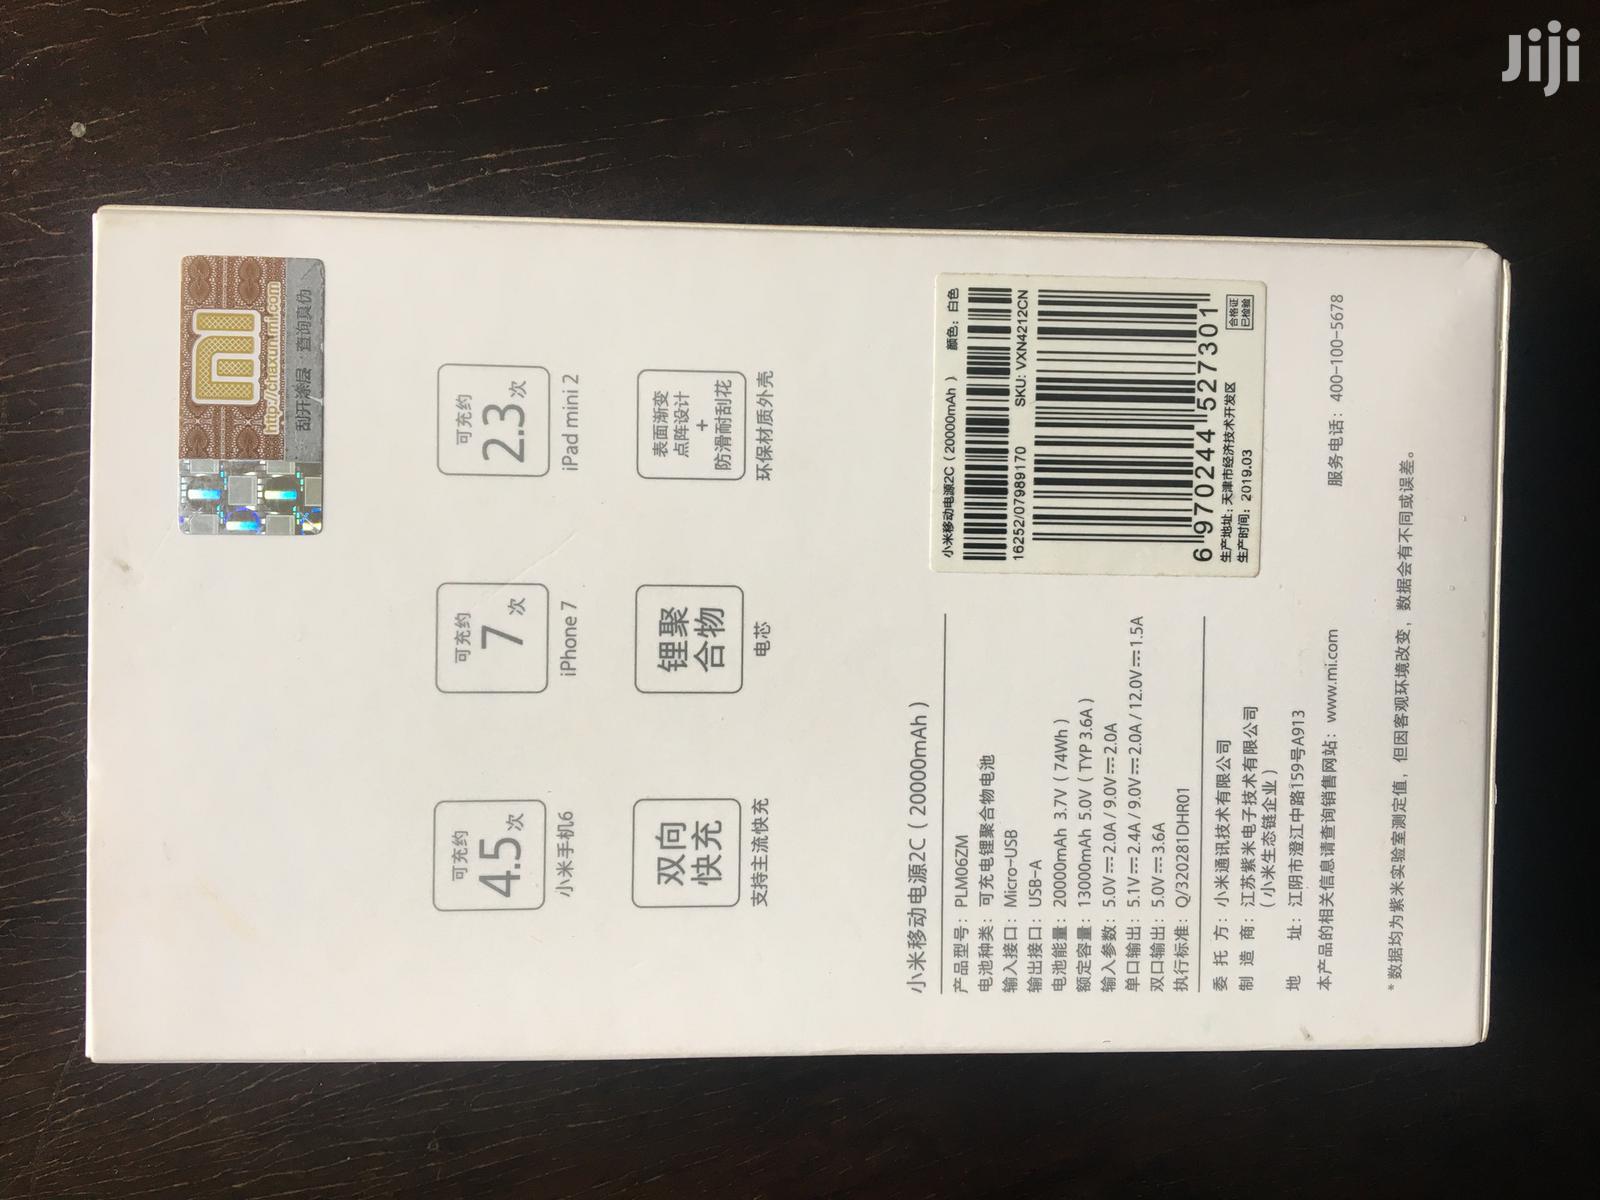 Original Xiaomi MI Power Bank 20000mah 2C   Accessories for Mobile Phones & Tablets for sale in Embakasi, Nairobi, Kenya